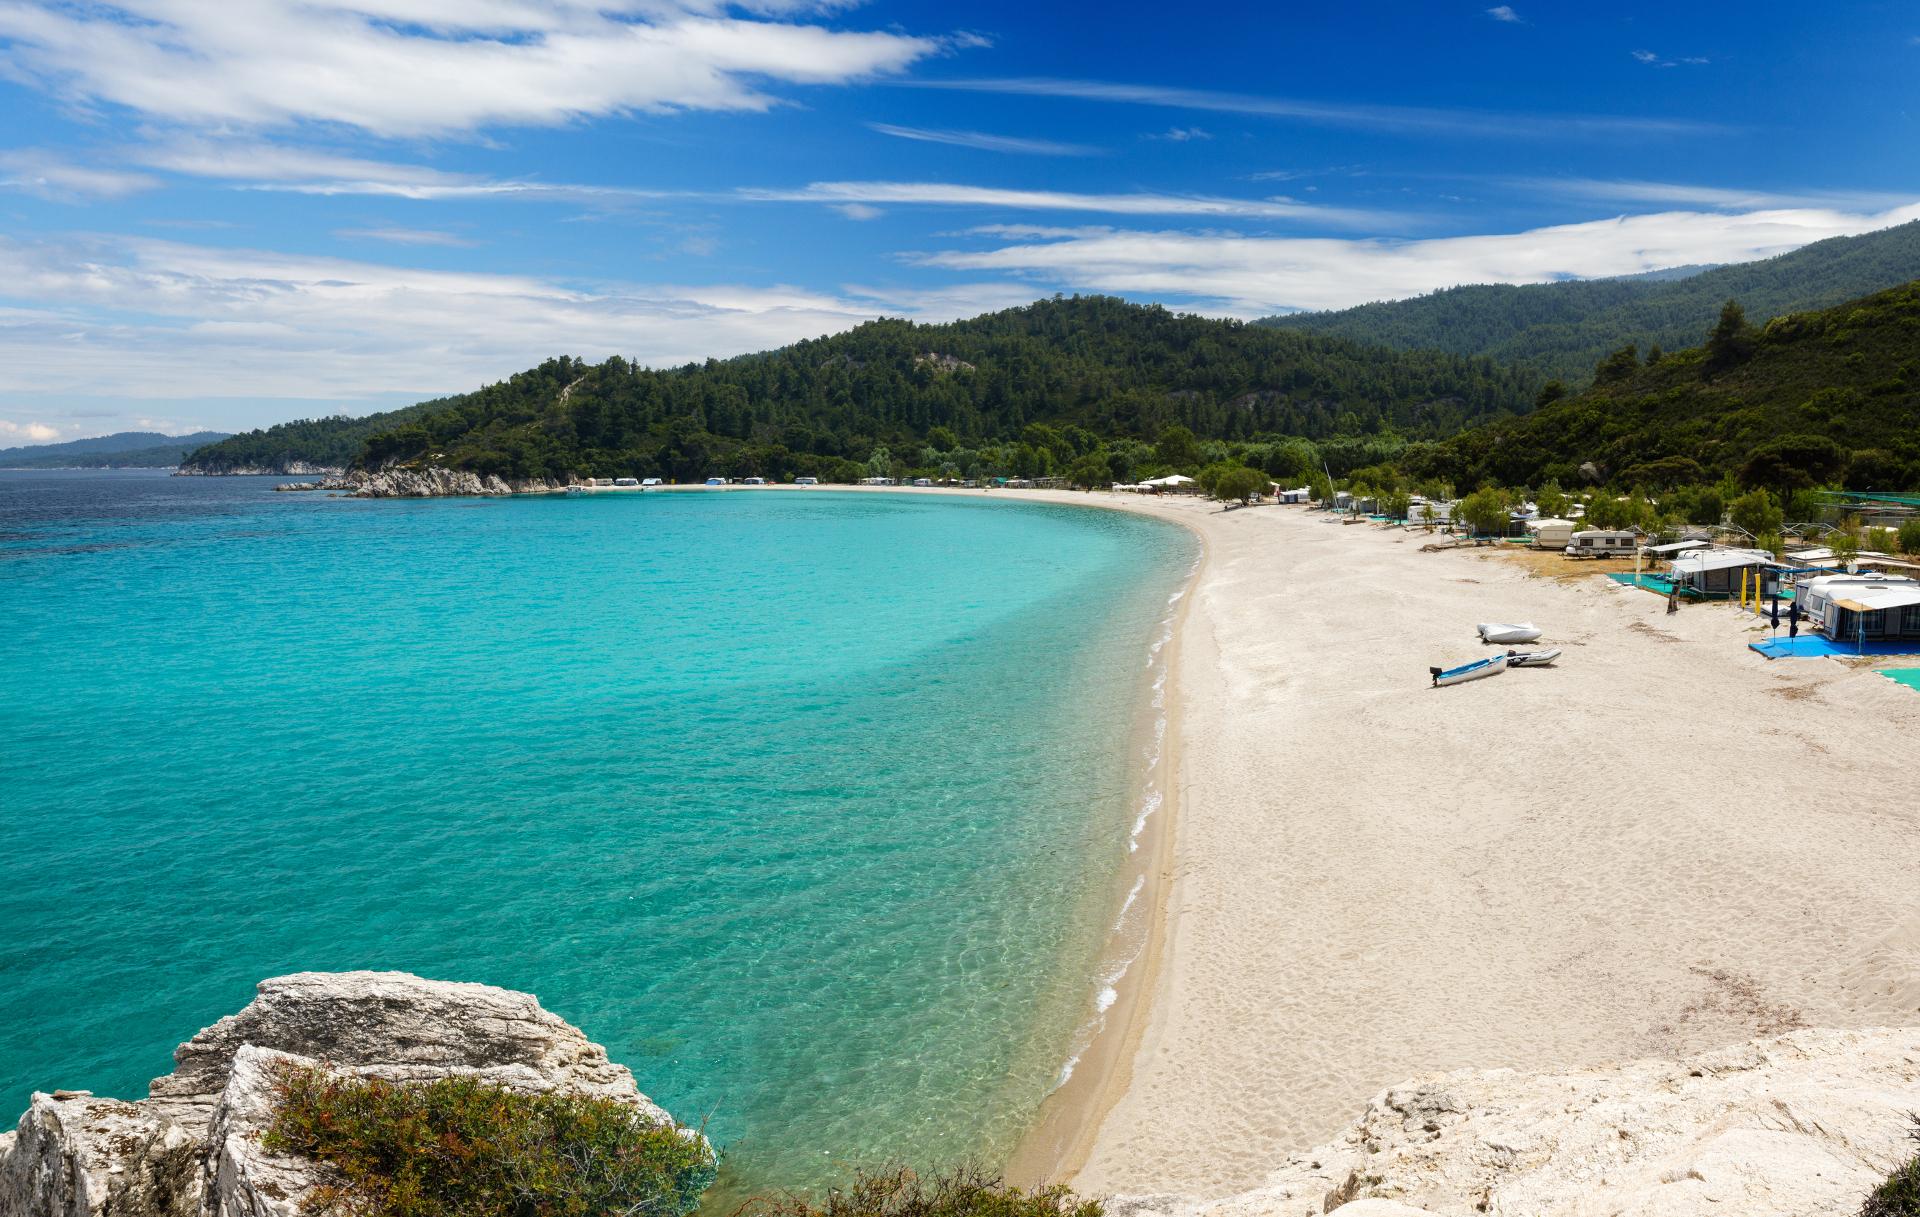 Plaża Armenistis - Sithonia, Chalkidiki